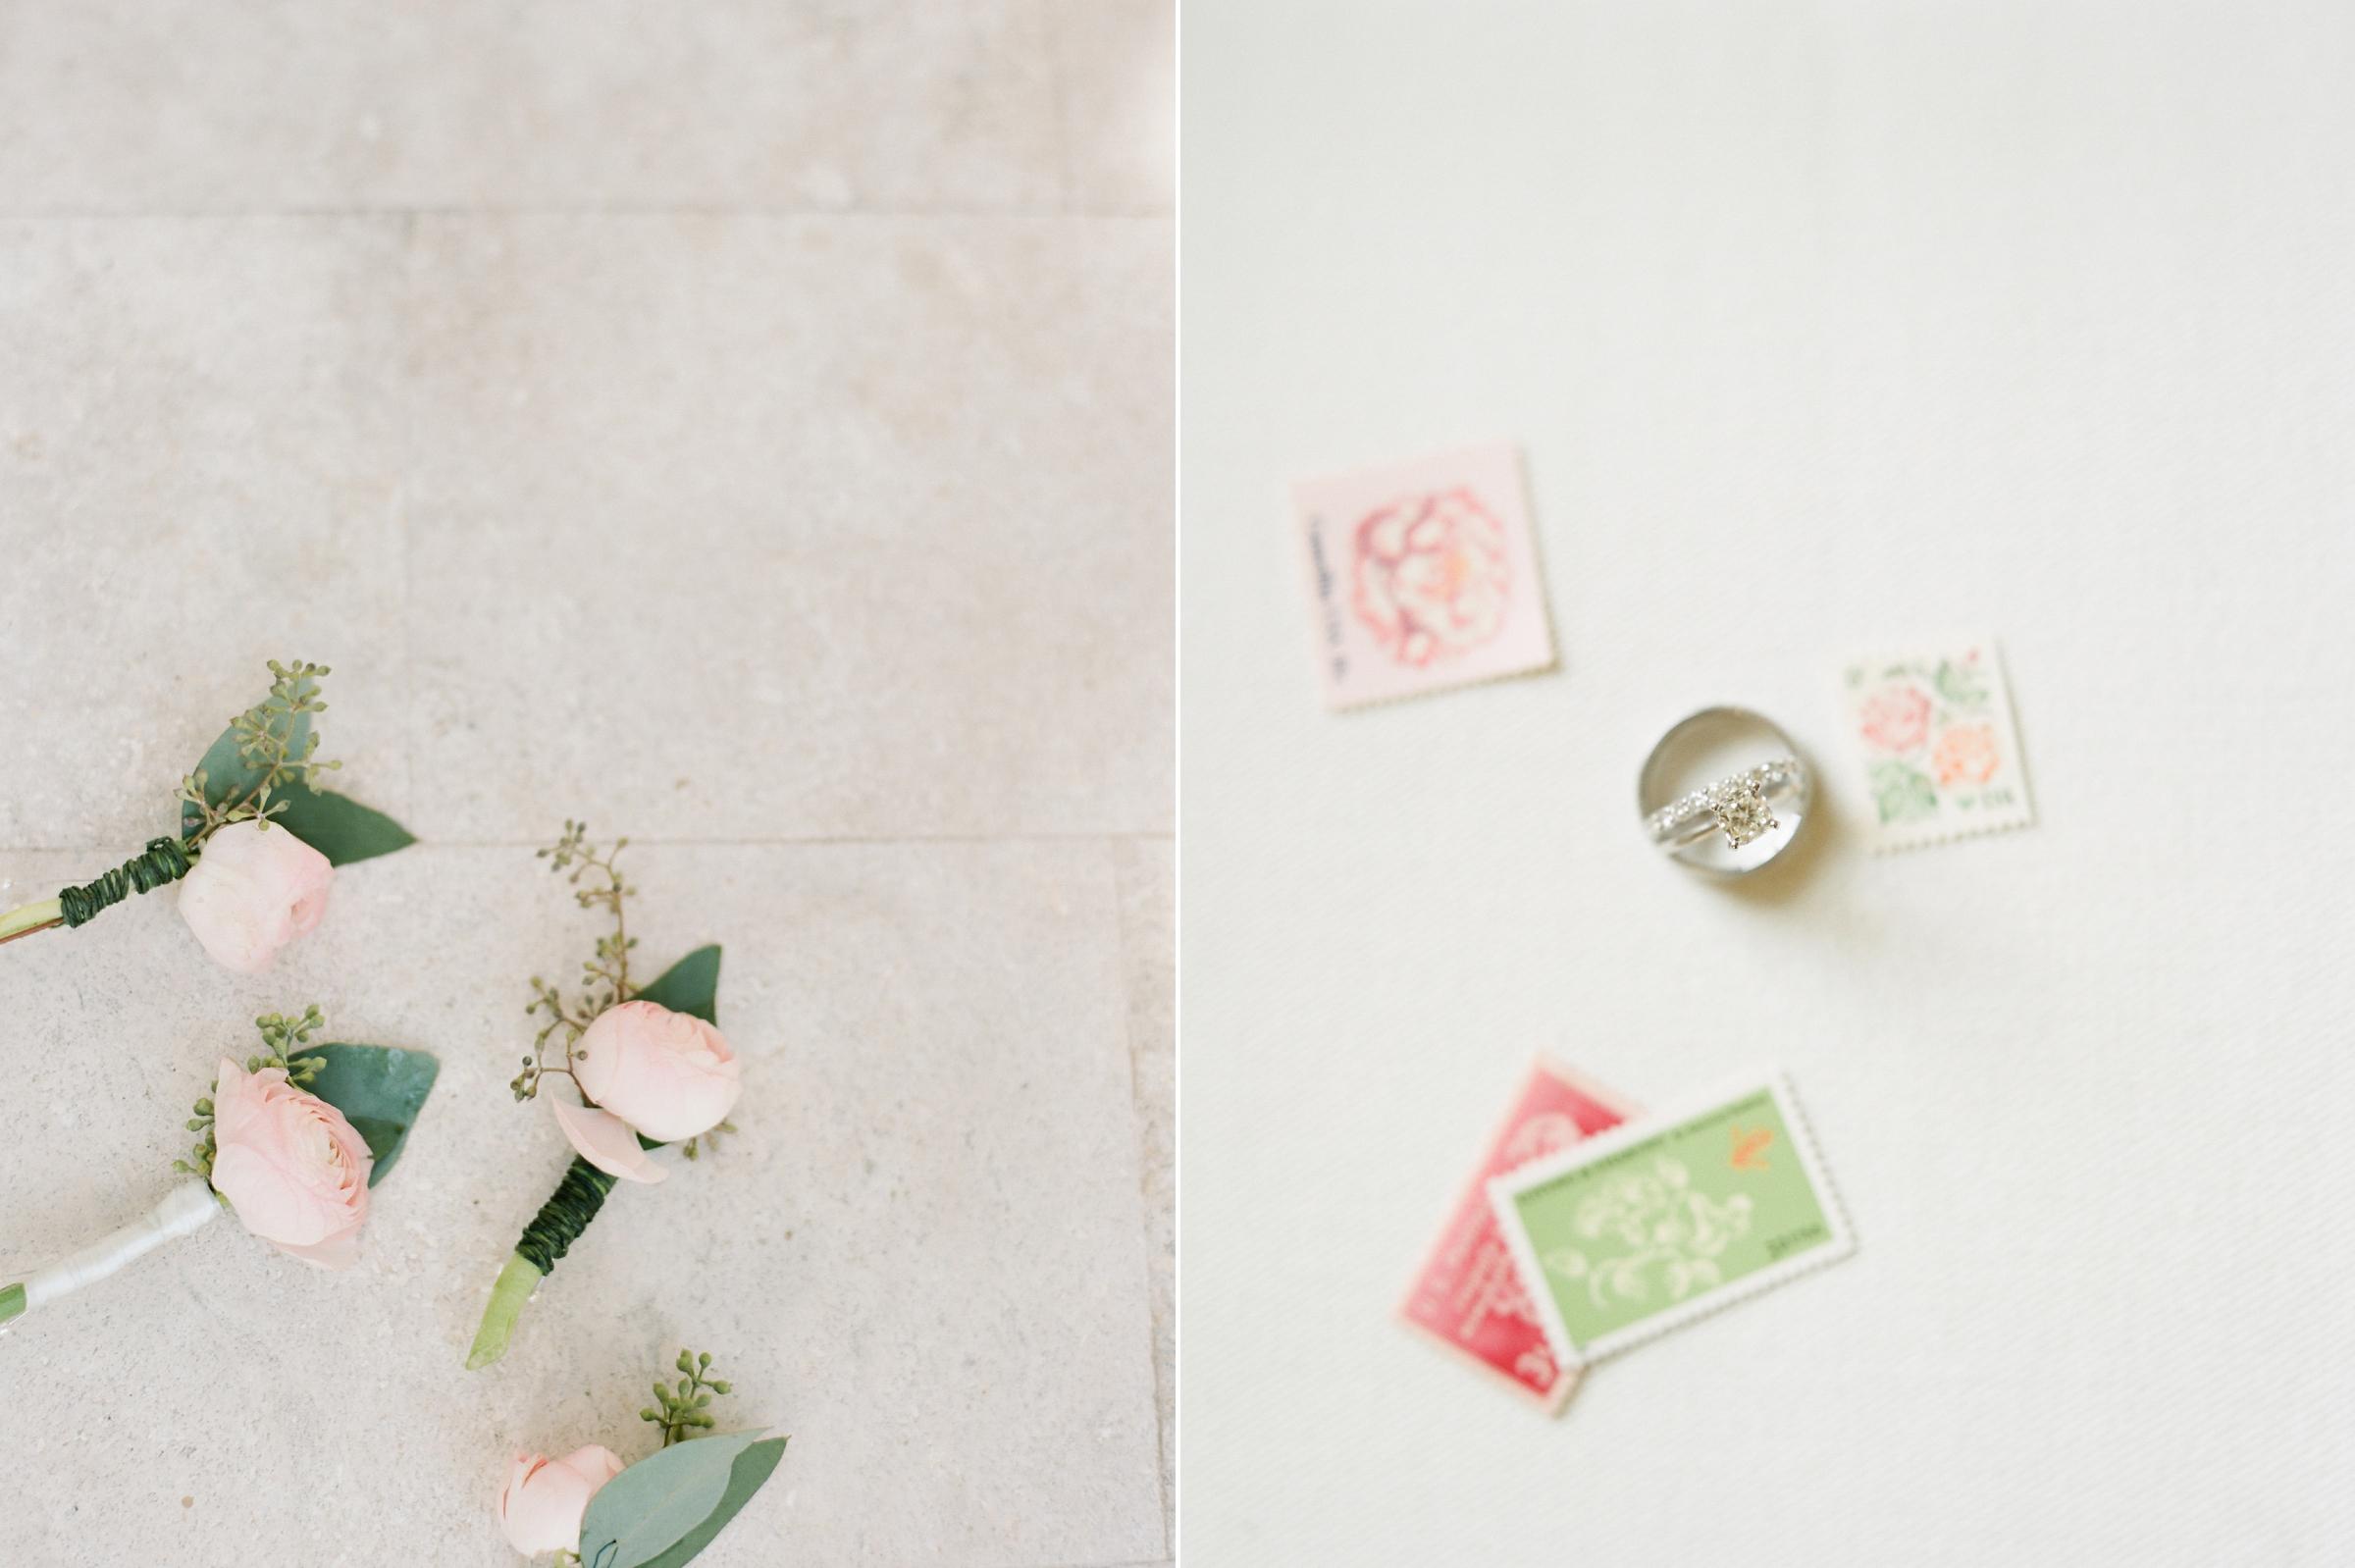 rosemary_beach_wedding_photographer_shannon_griffin_0001.jpg